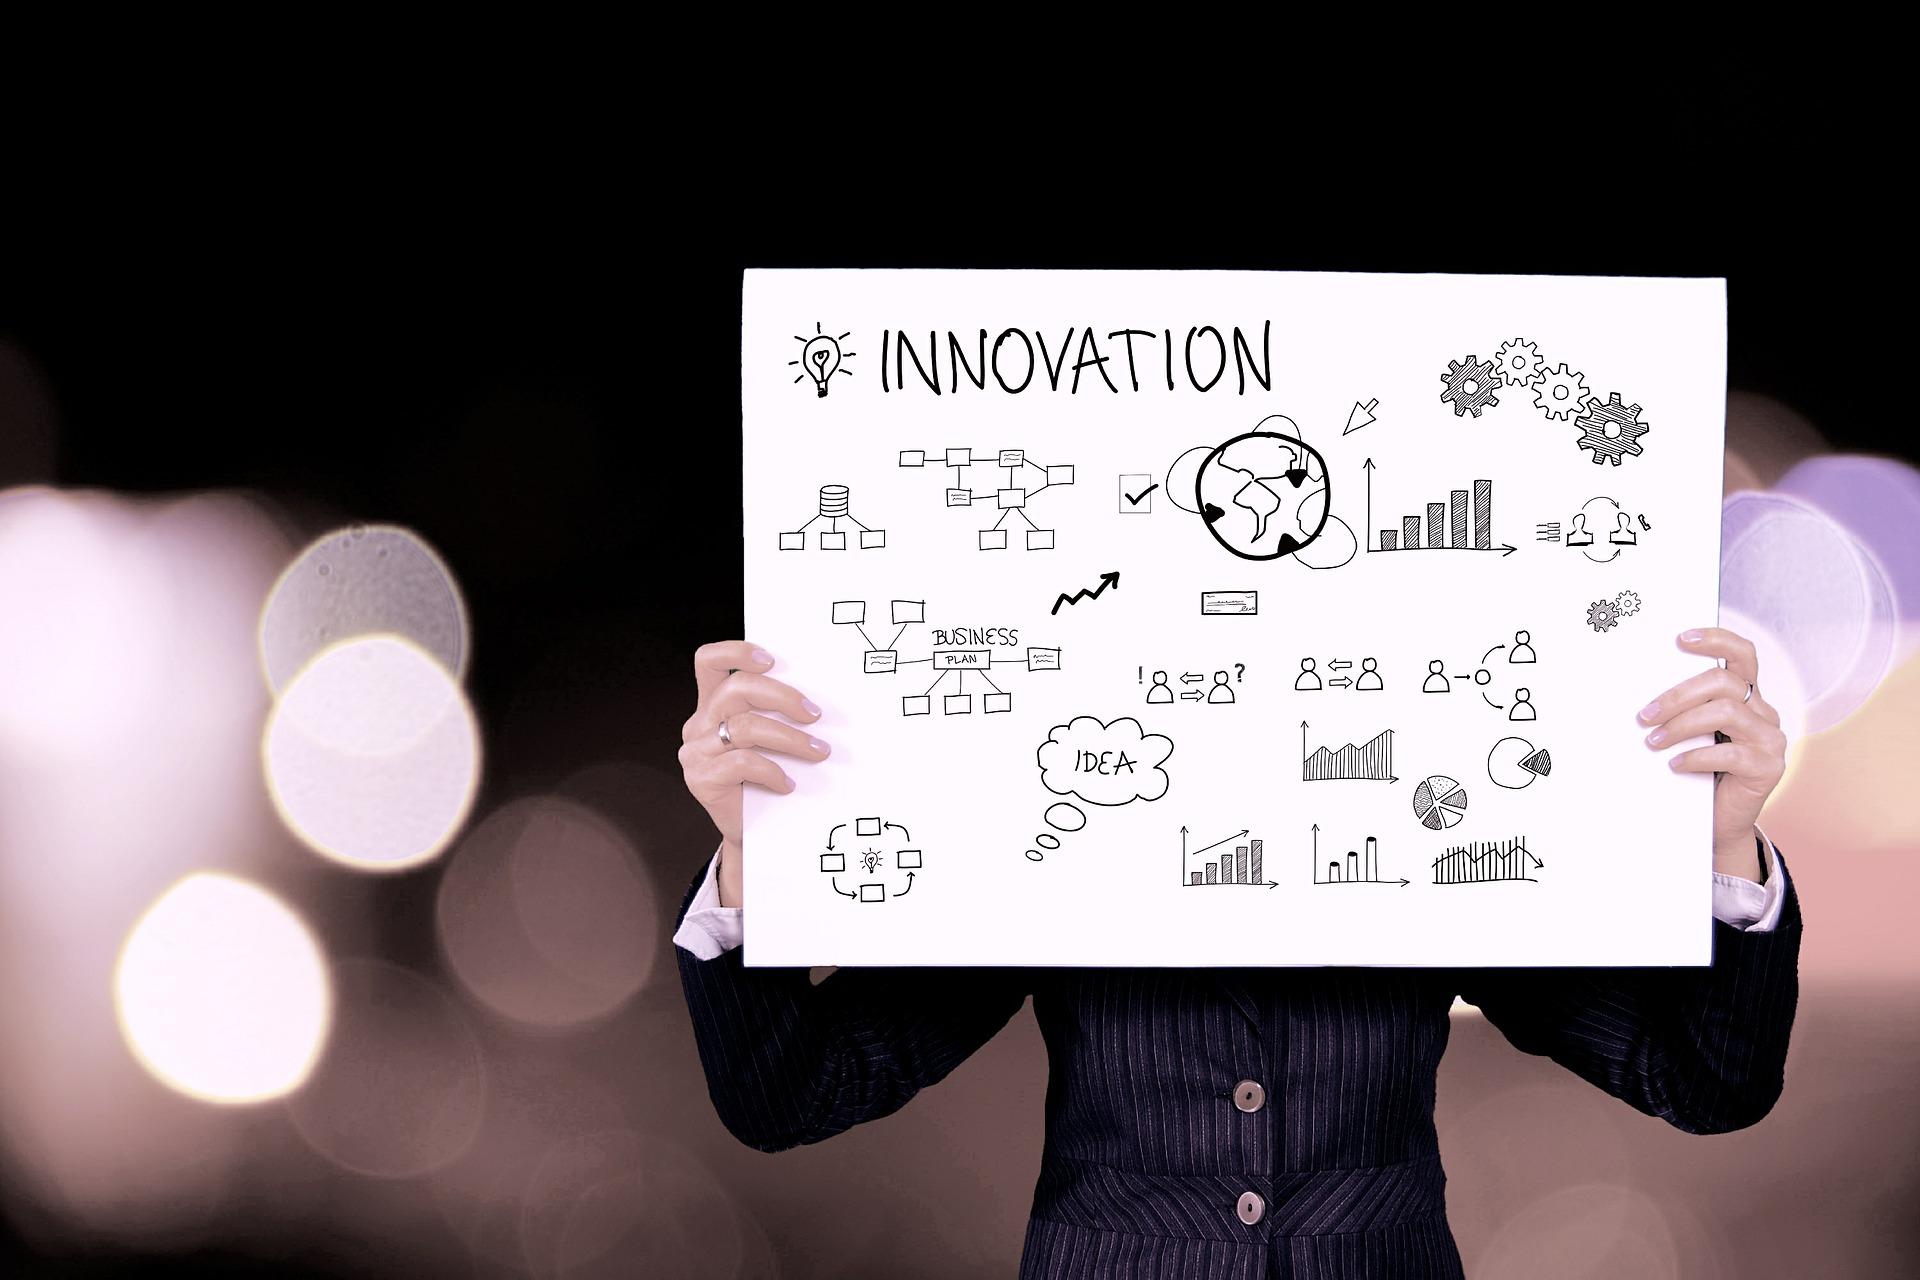 innovation-561388_1920_1.jpg